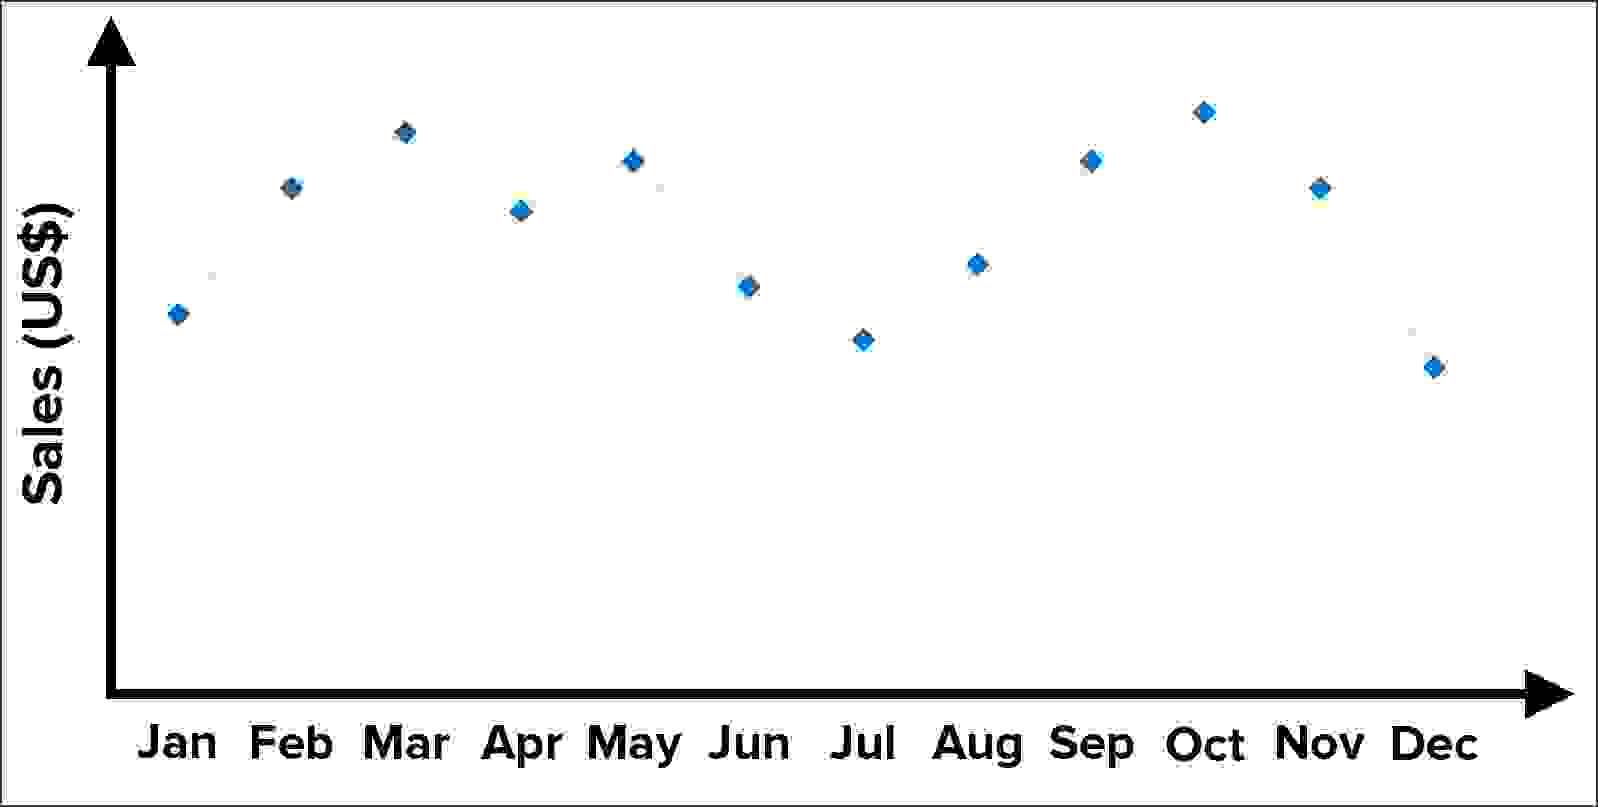 مثال على استخدام الرسوم البيانيّة الخطيّة